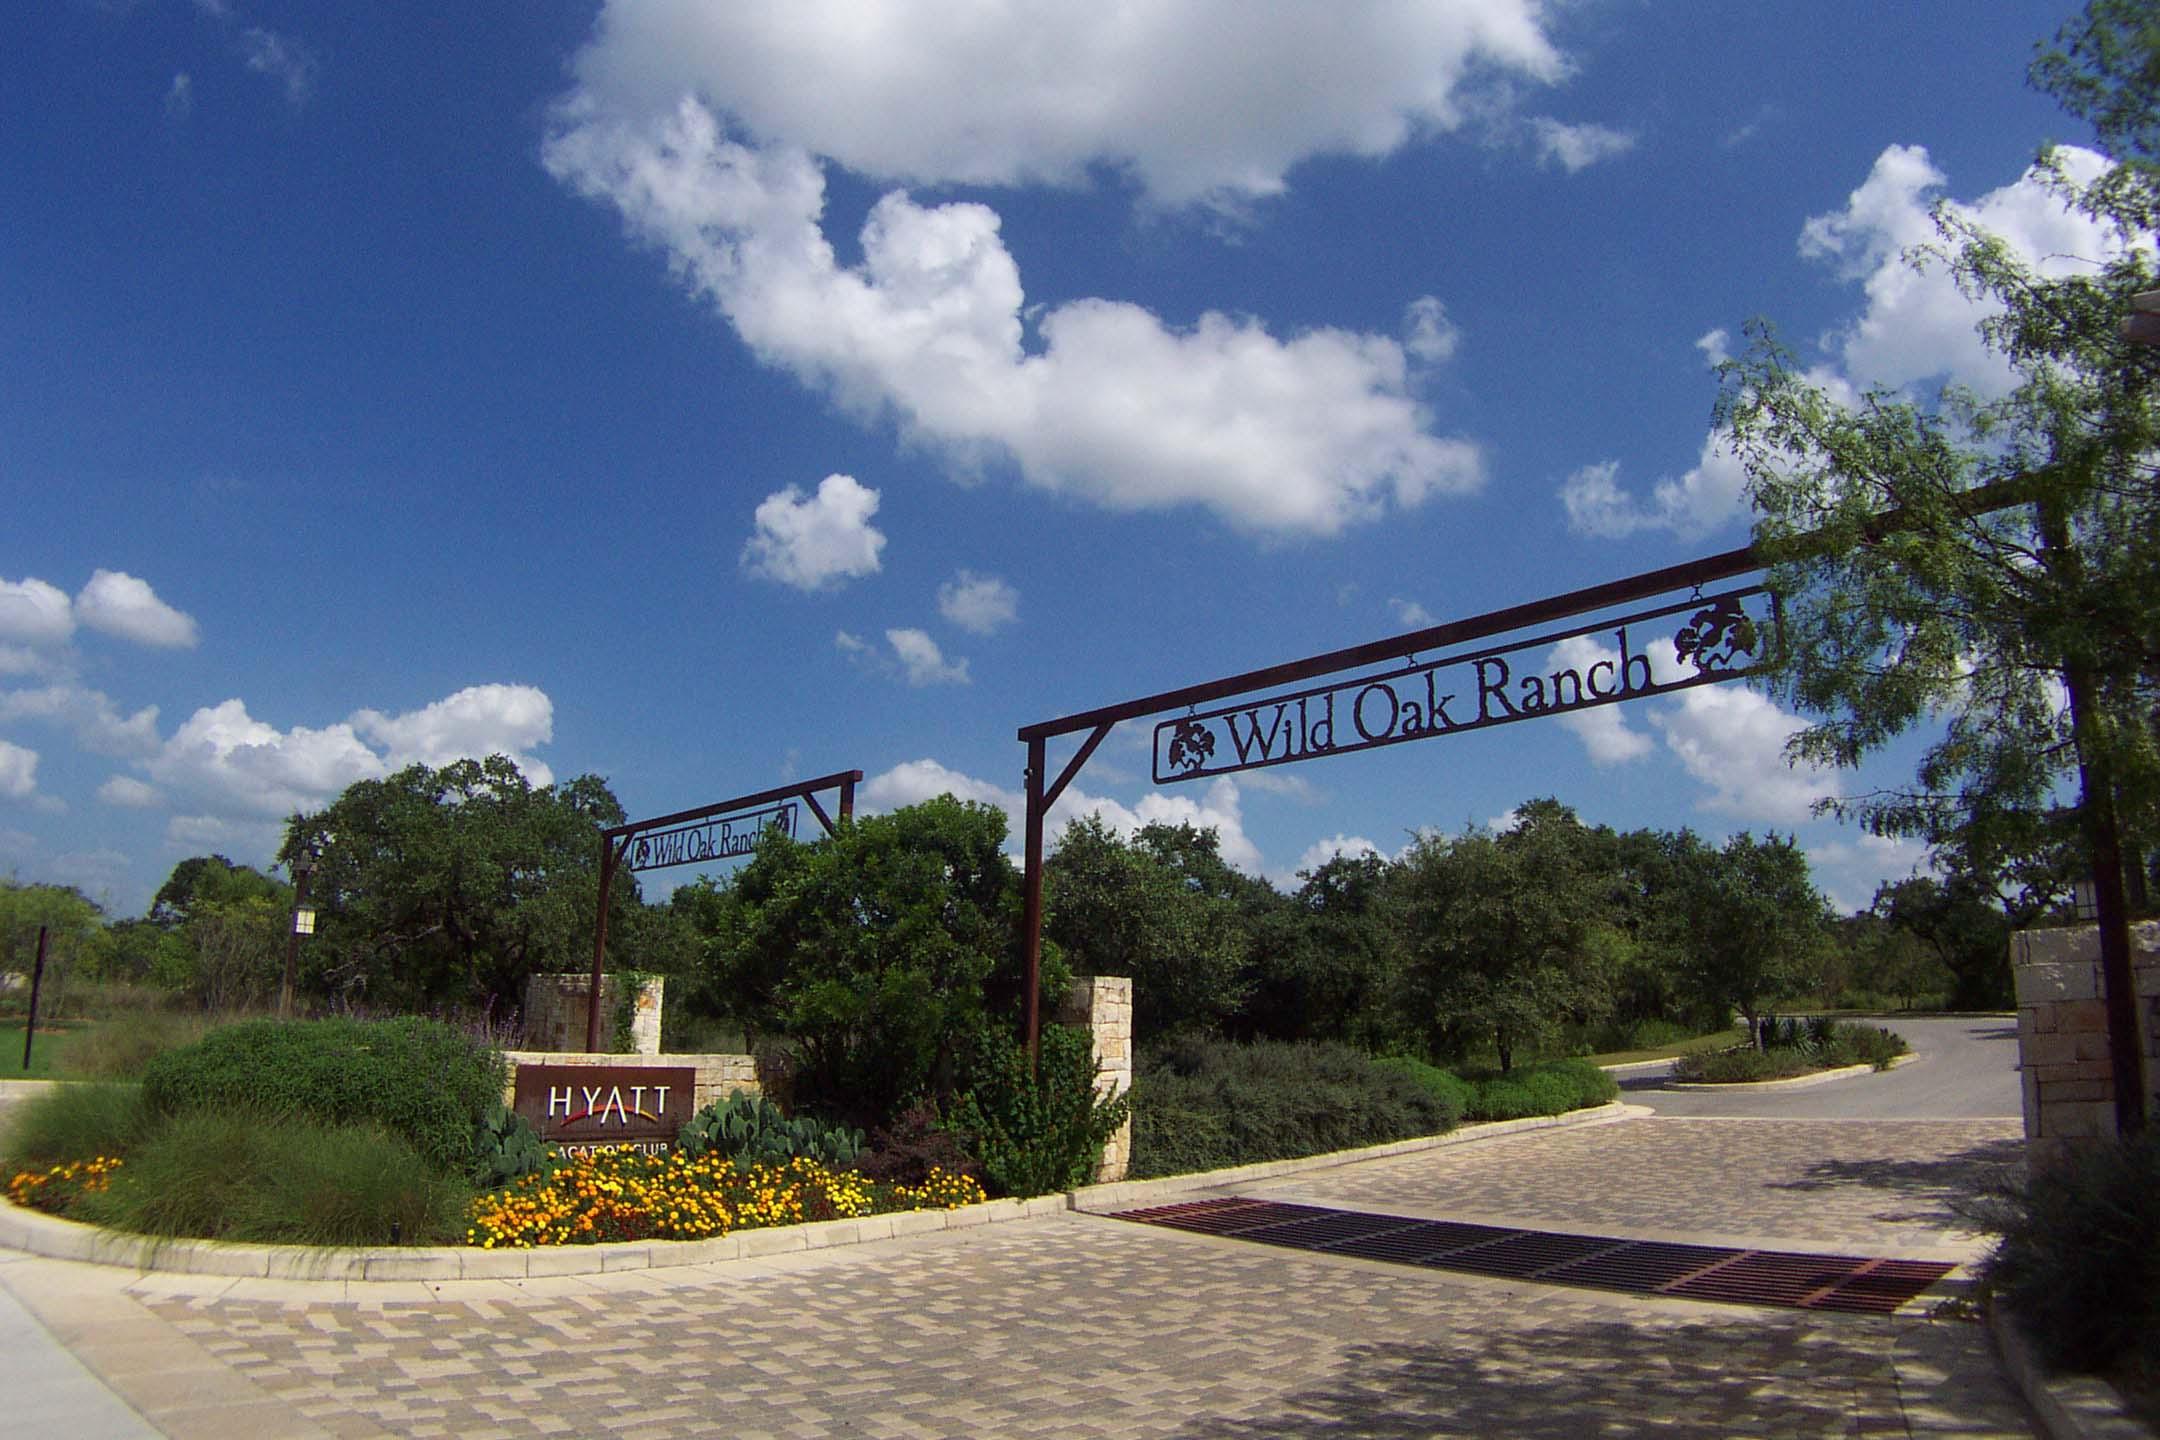 Hyatt Wild Oak Ranch image